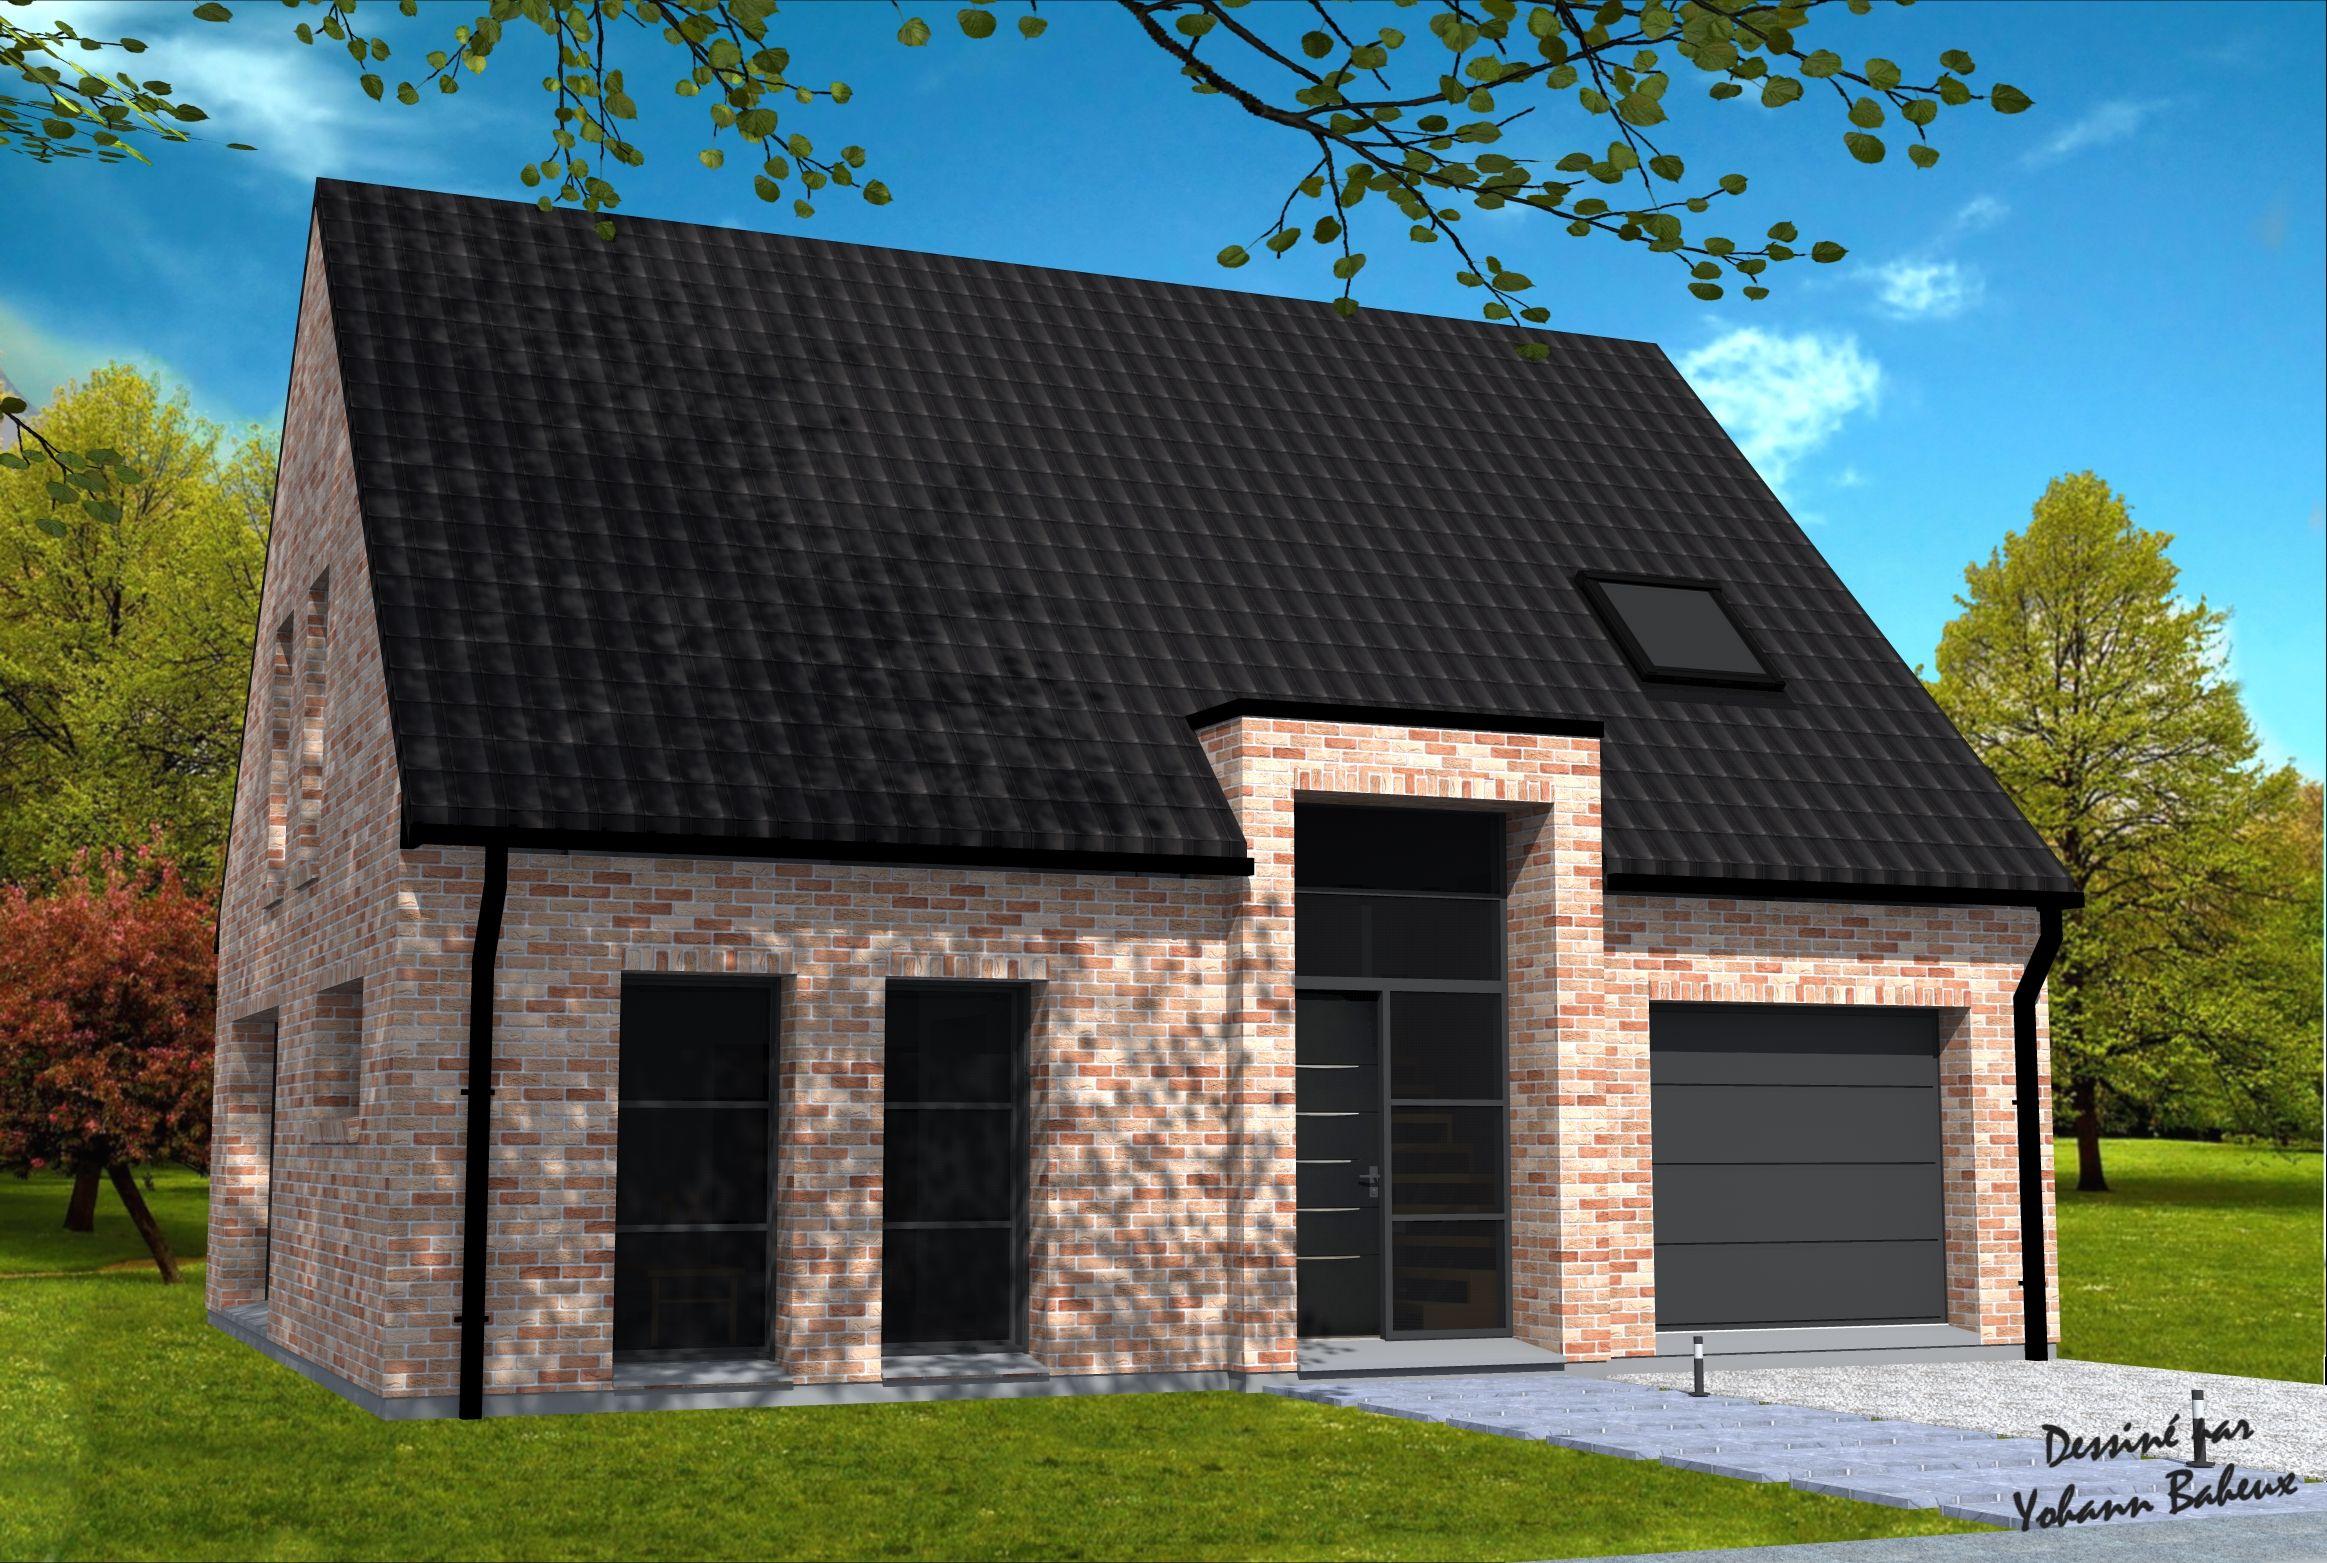 maison en briques maison en projet maison en brique maison et construction maison. Black Bedroom Furniture Sets. Home Design Ideas